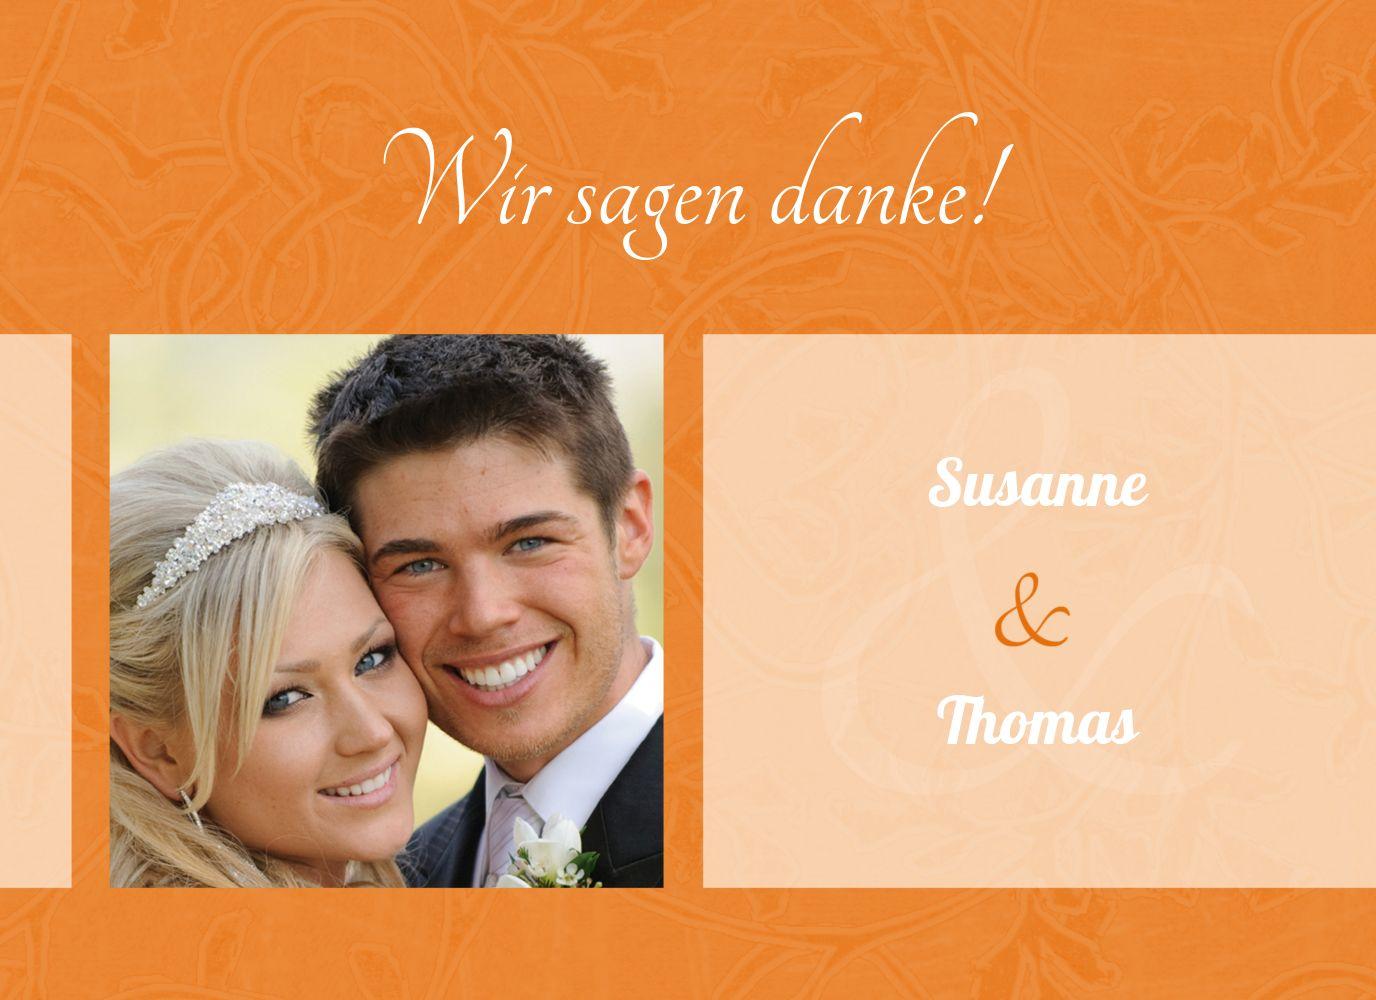 Ansicht 3 - Hochzeit Dankeskarte Hochzeitsglück